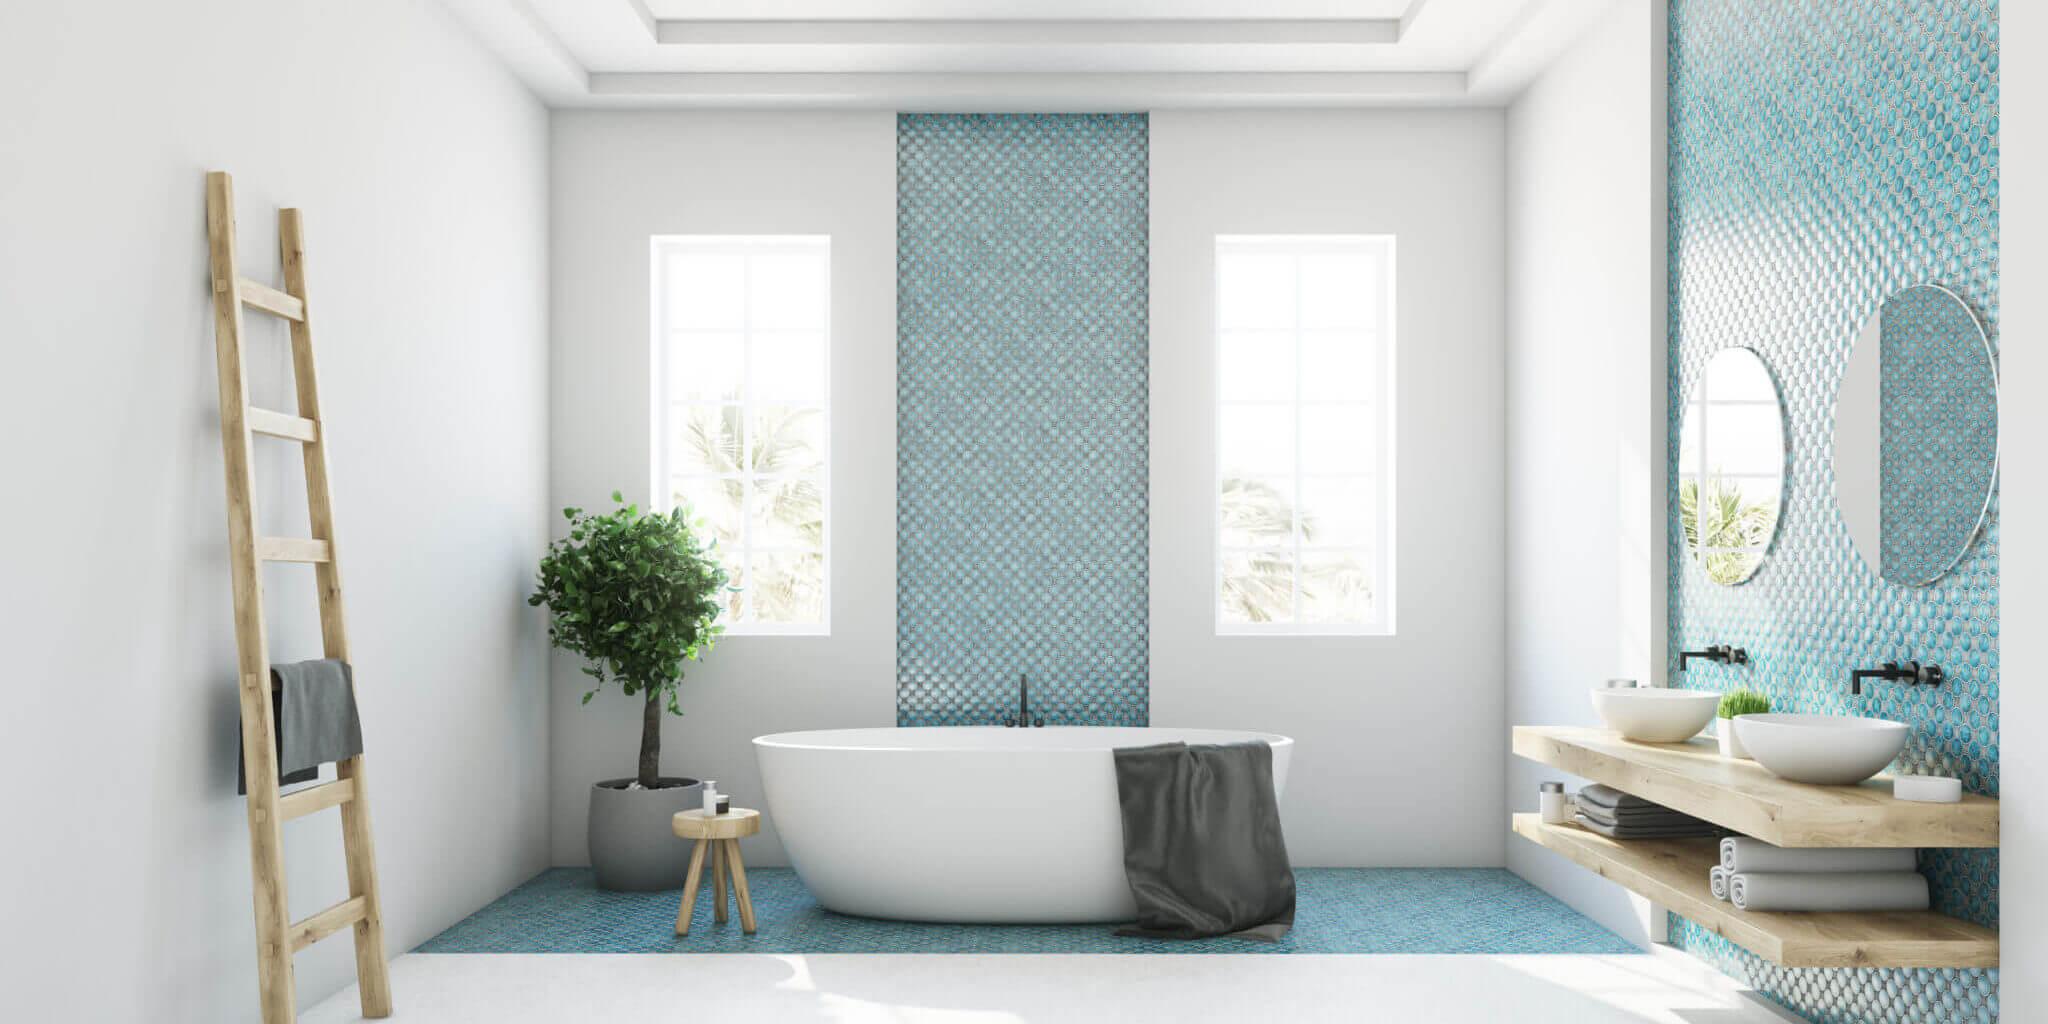 azulejos, baños, bonito, homedecor, diseño